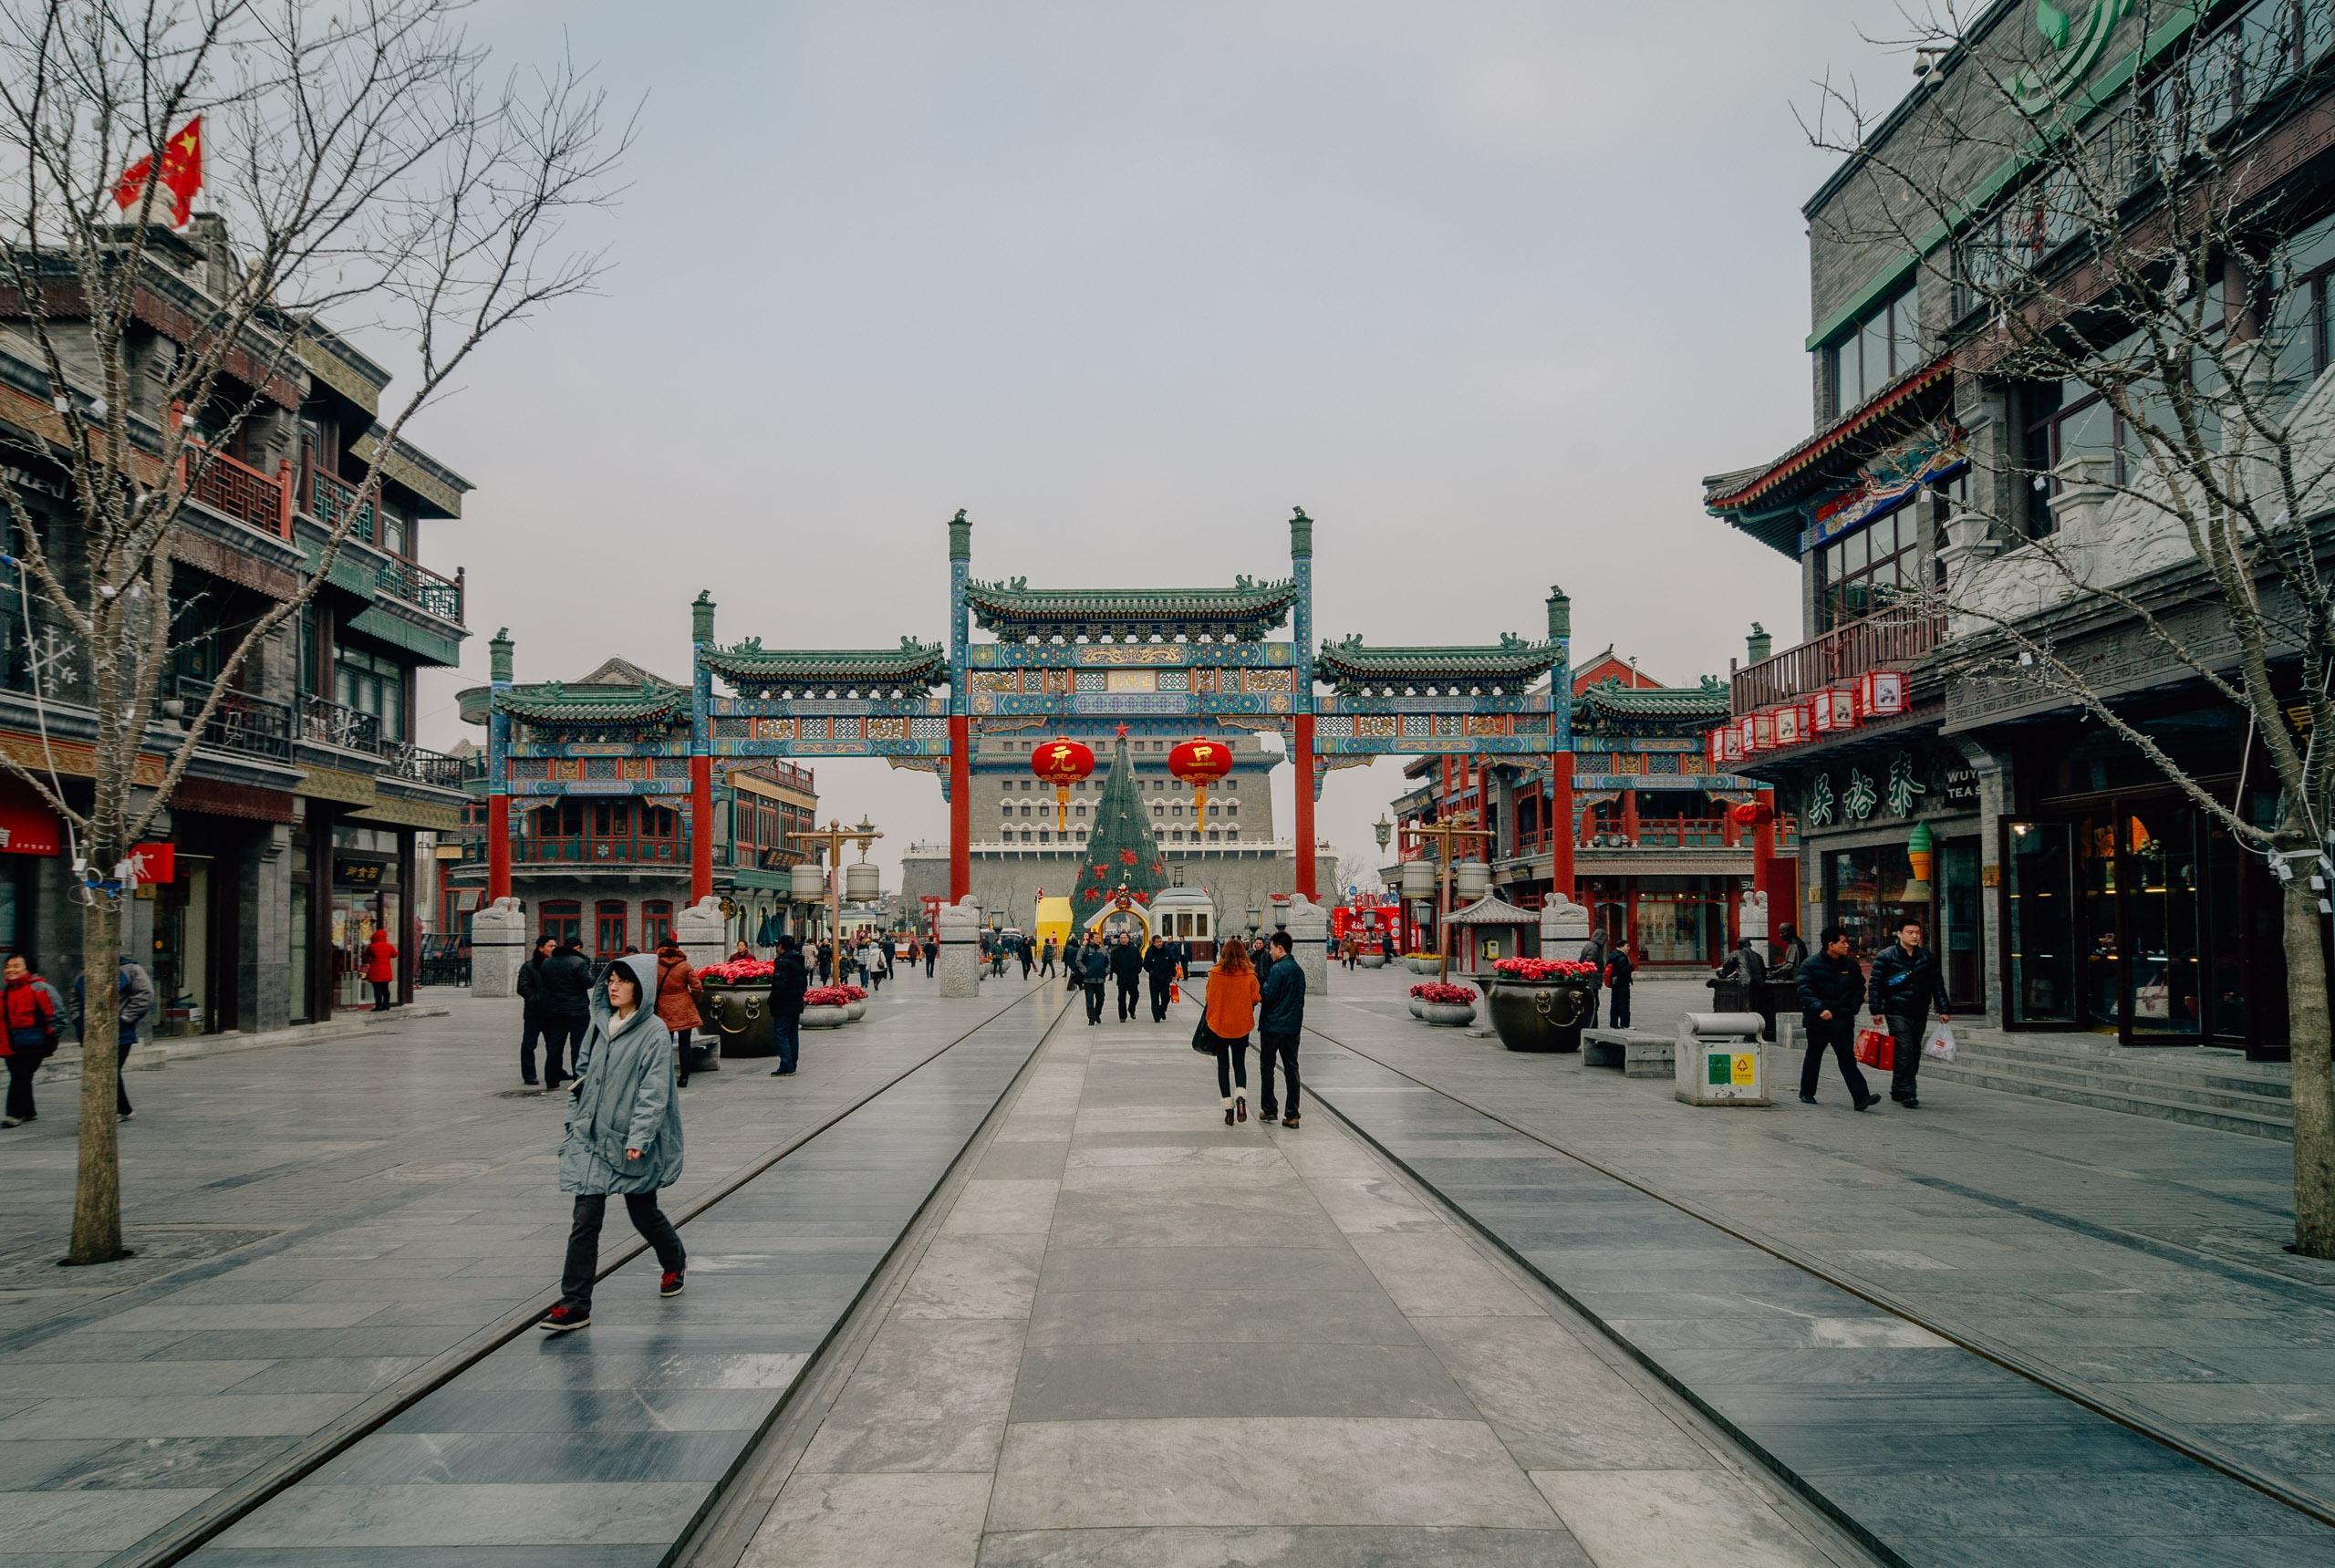 Approaching Tianamen Square Beijing